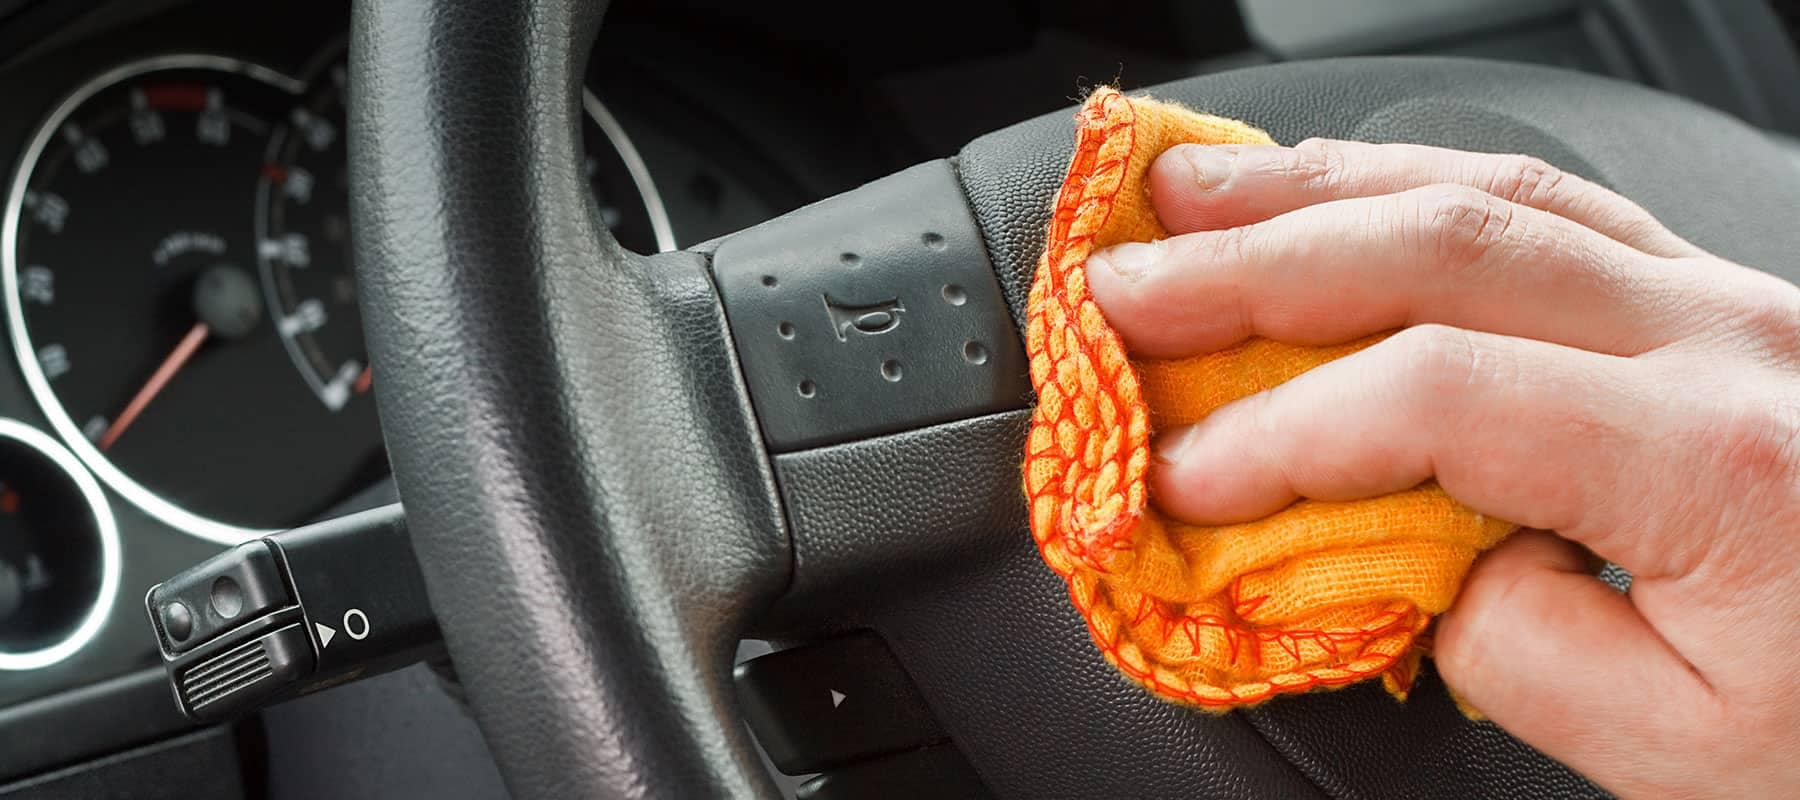 hand wiping down steering wheel